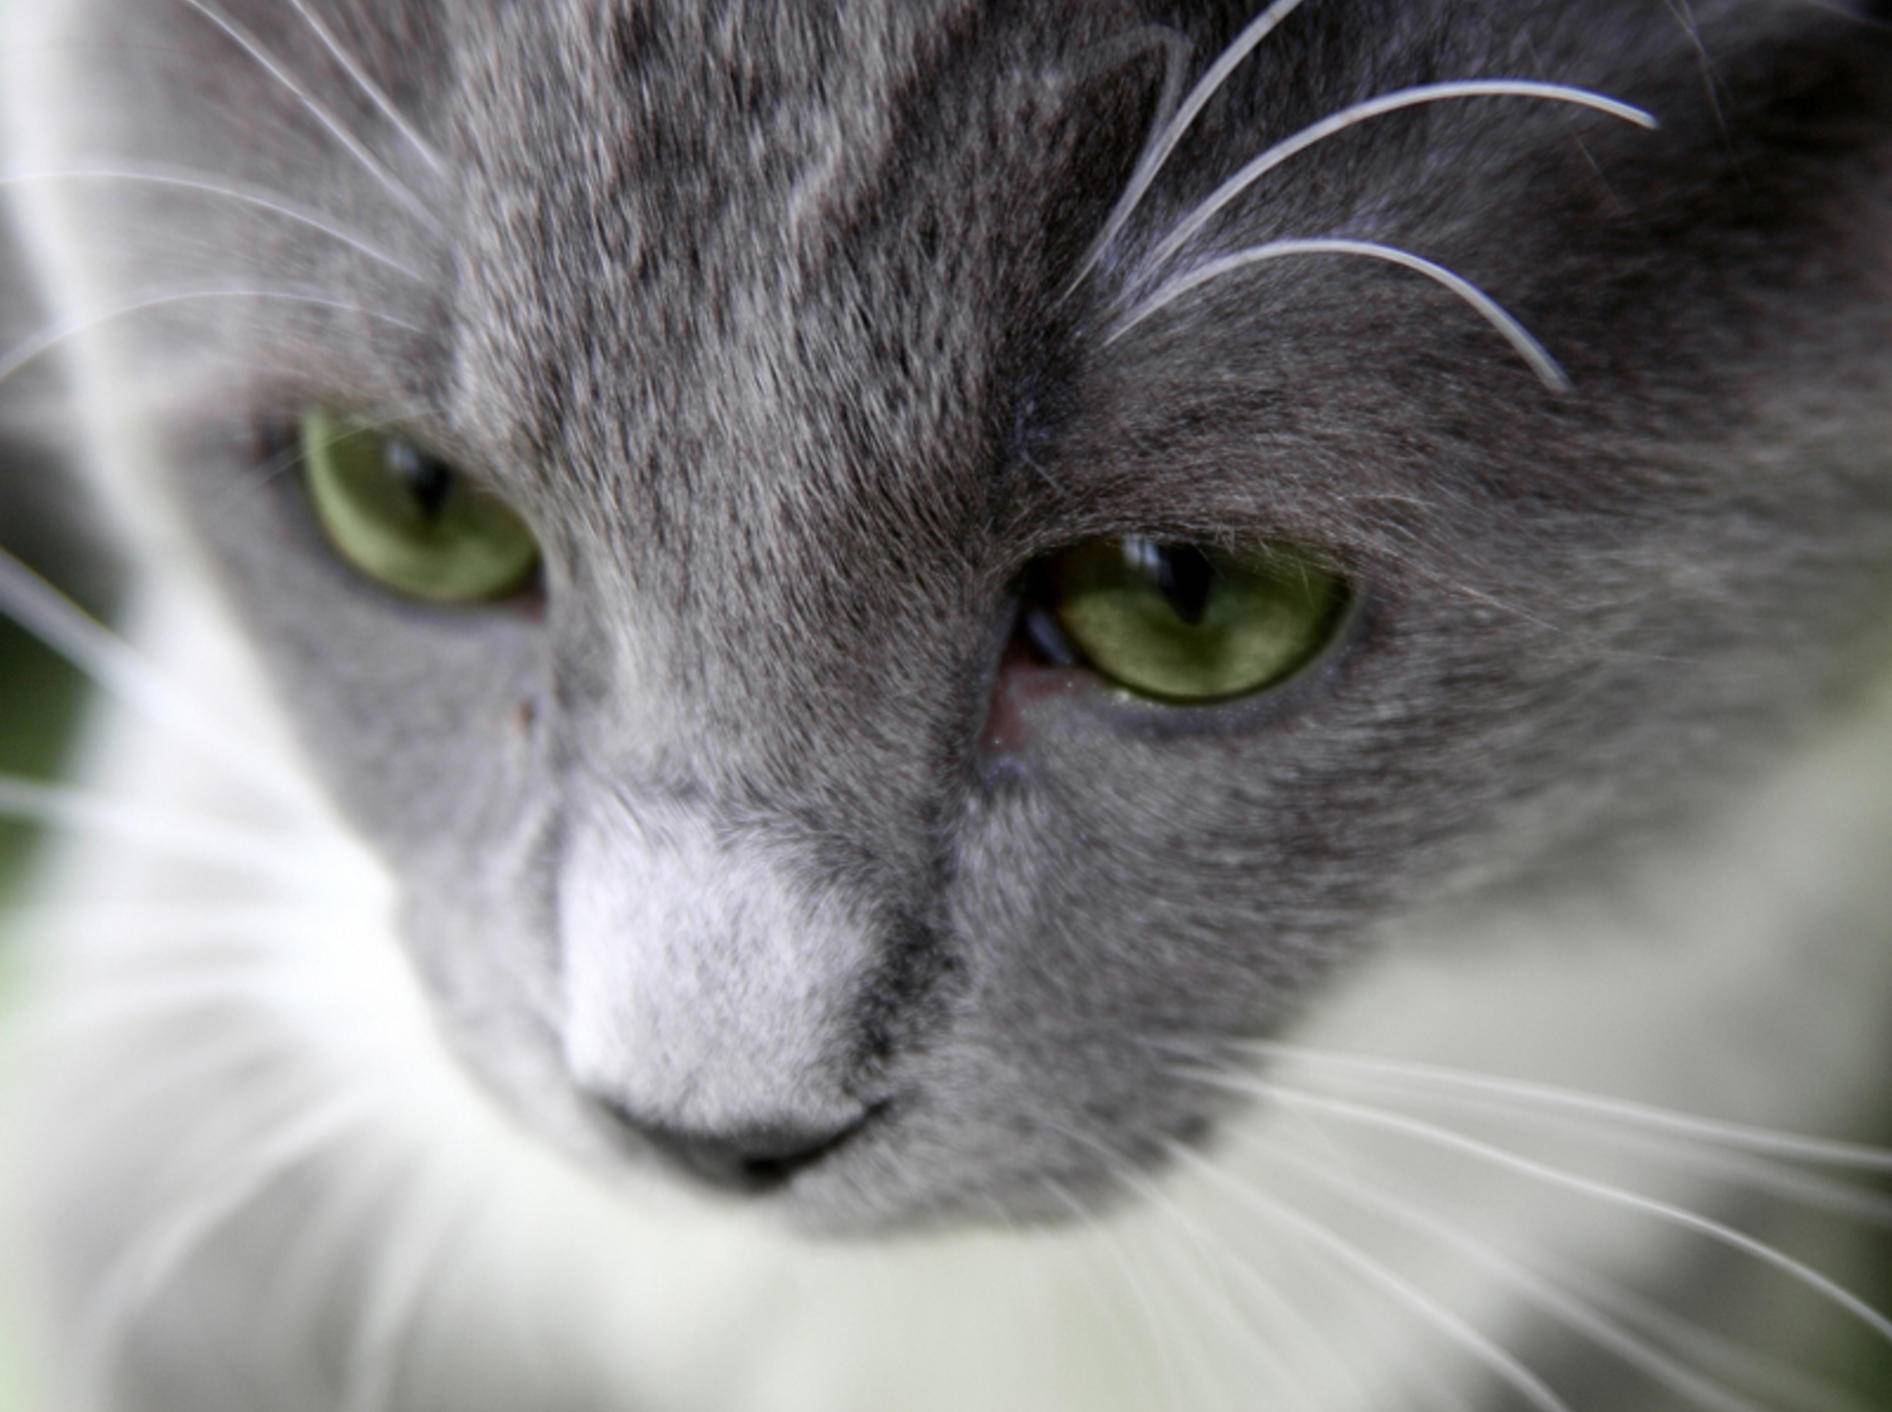 Ist es in der Schweiz wirklich noch erlaubt, Katzen zu essen? – Bild: Shutterstock / Galina Barskaya